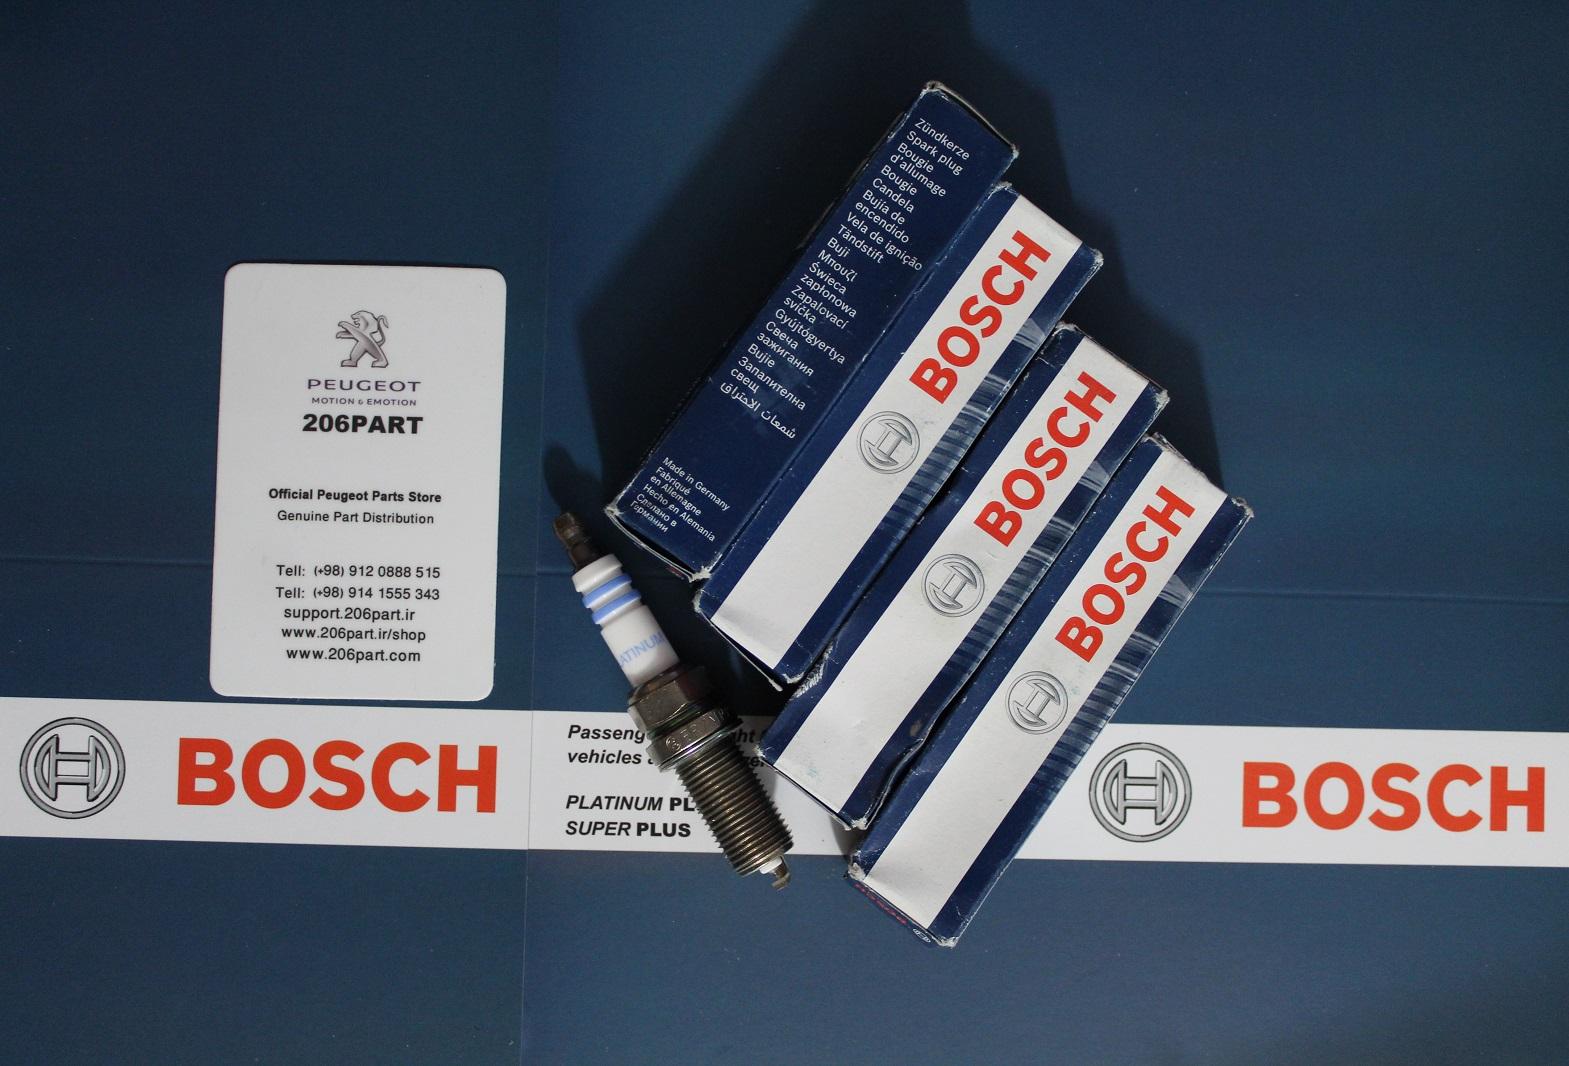 شمع سوزنی بوش BOSCH مدل دبل PLATINUM -پایه بلند(تیپ 5و6 /V8 ) – چین